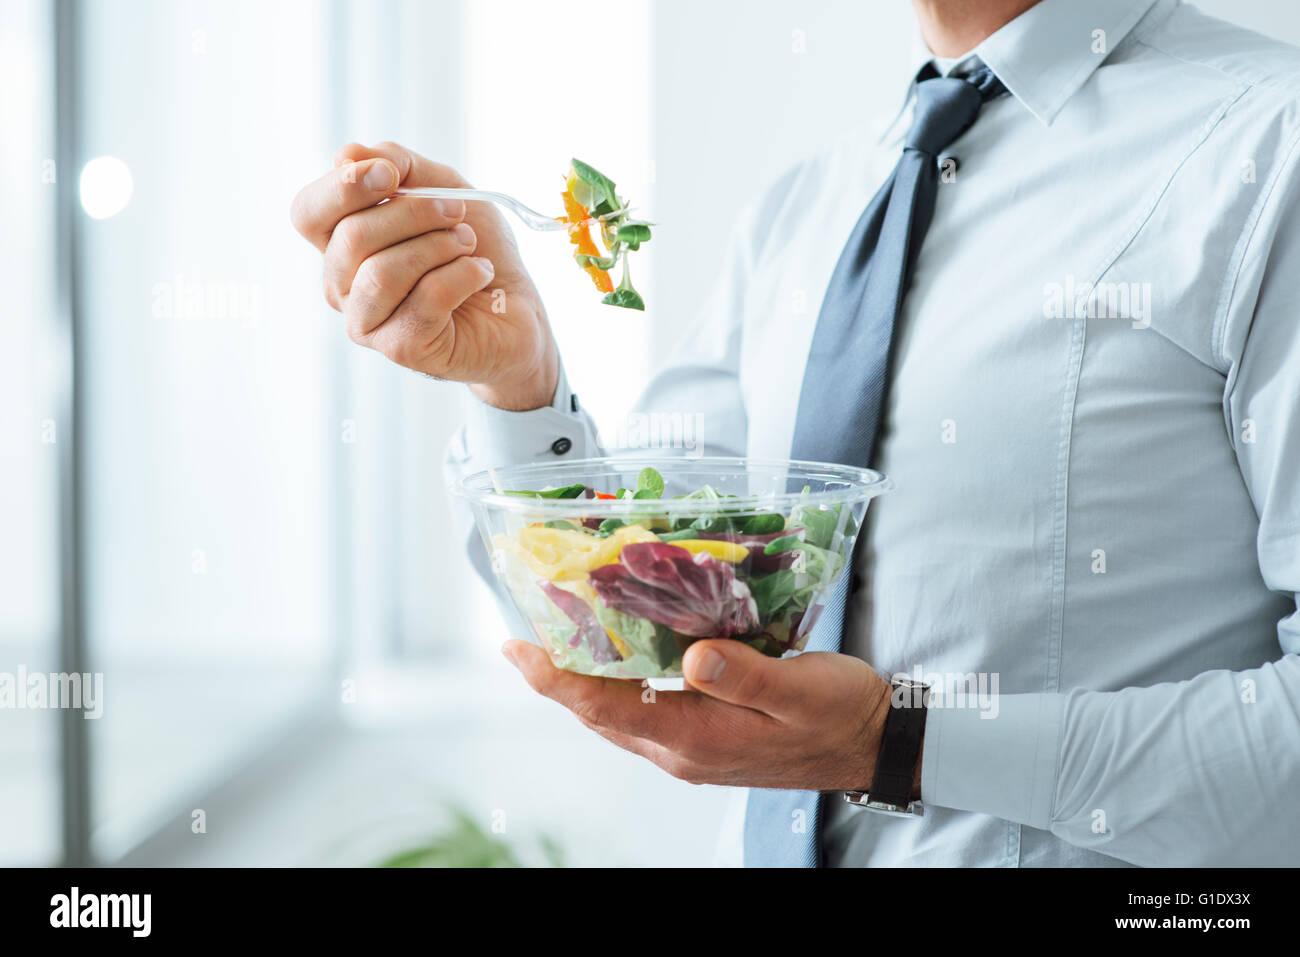 Imprenditore avente un insalata di verdure per pranzo, sana alimentazione e corretto stile di vita concetto, irriconoscibile Immagini Stock